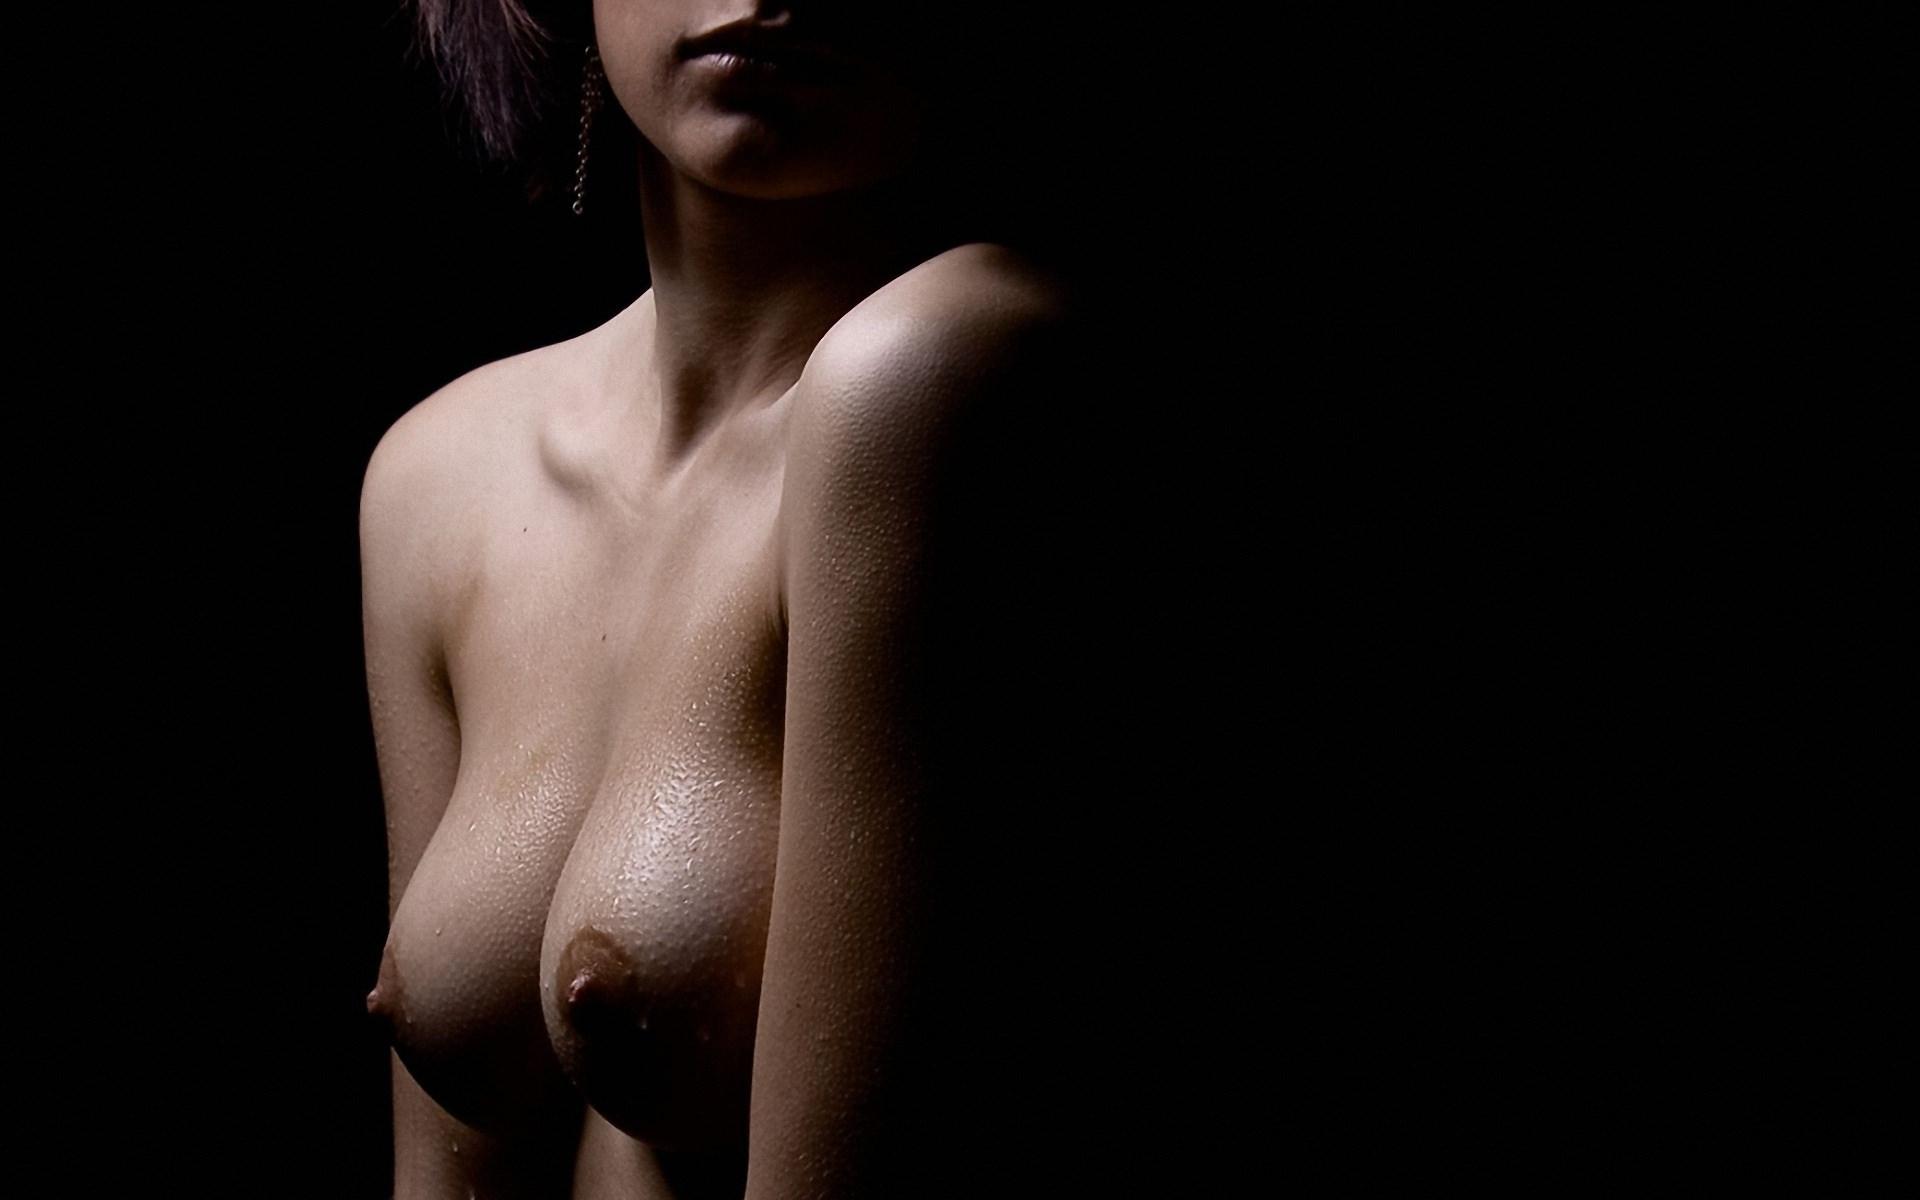 Эротика женская виды 17 фотография